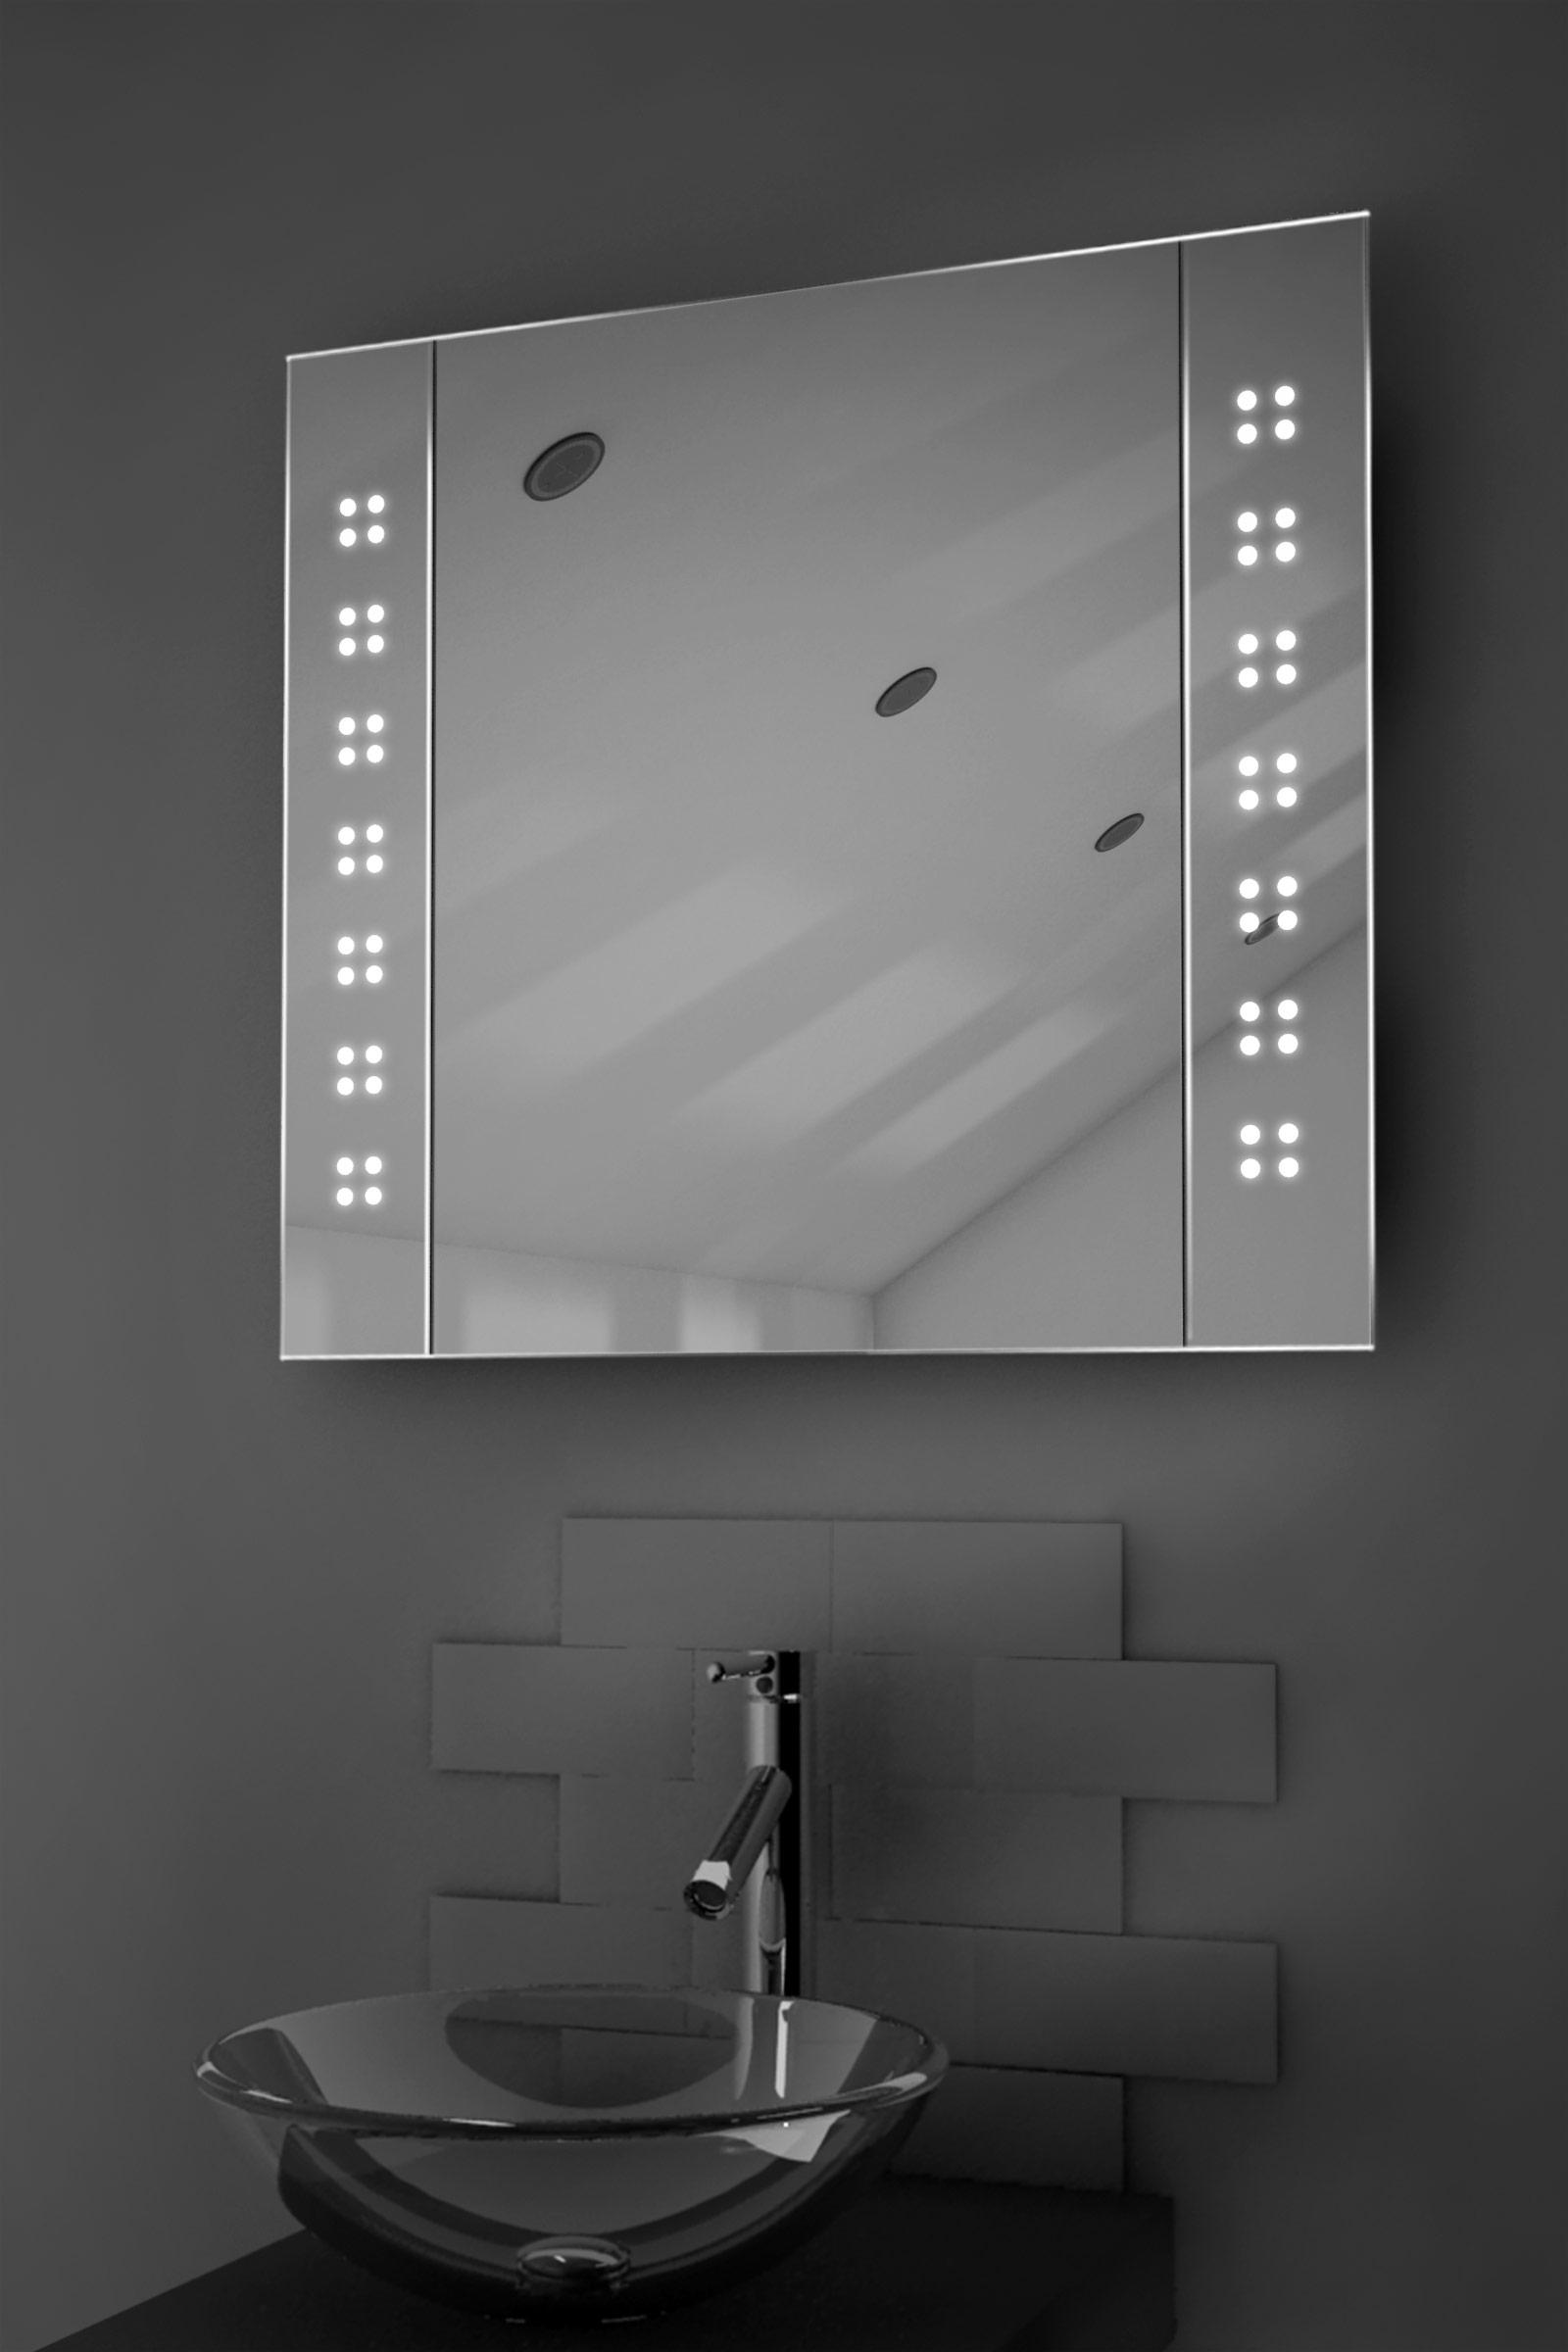 Armadietto con specchio da bagno con illuminazione led - Armadietto bagno con specchio ...